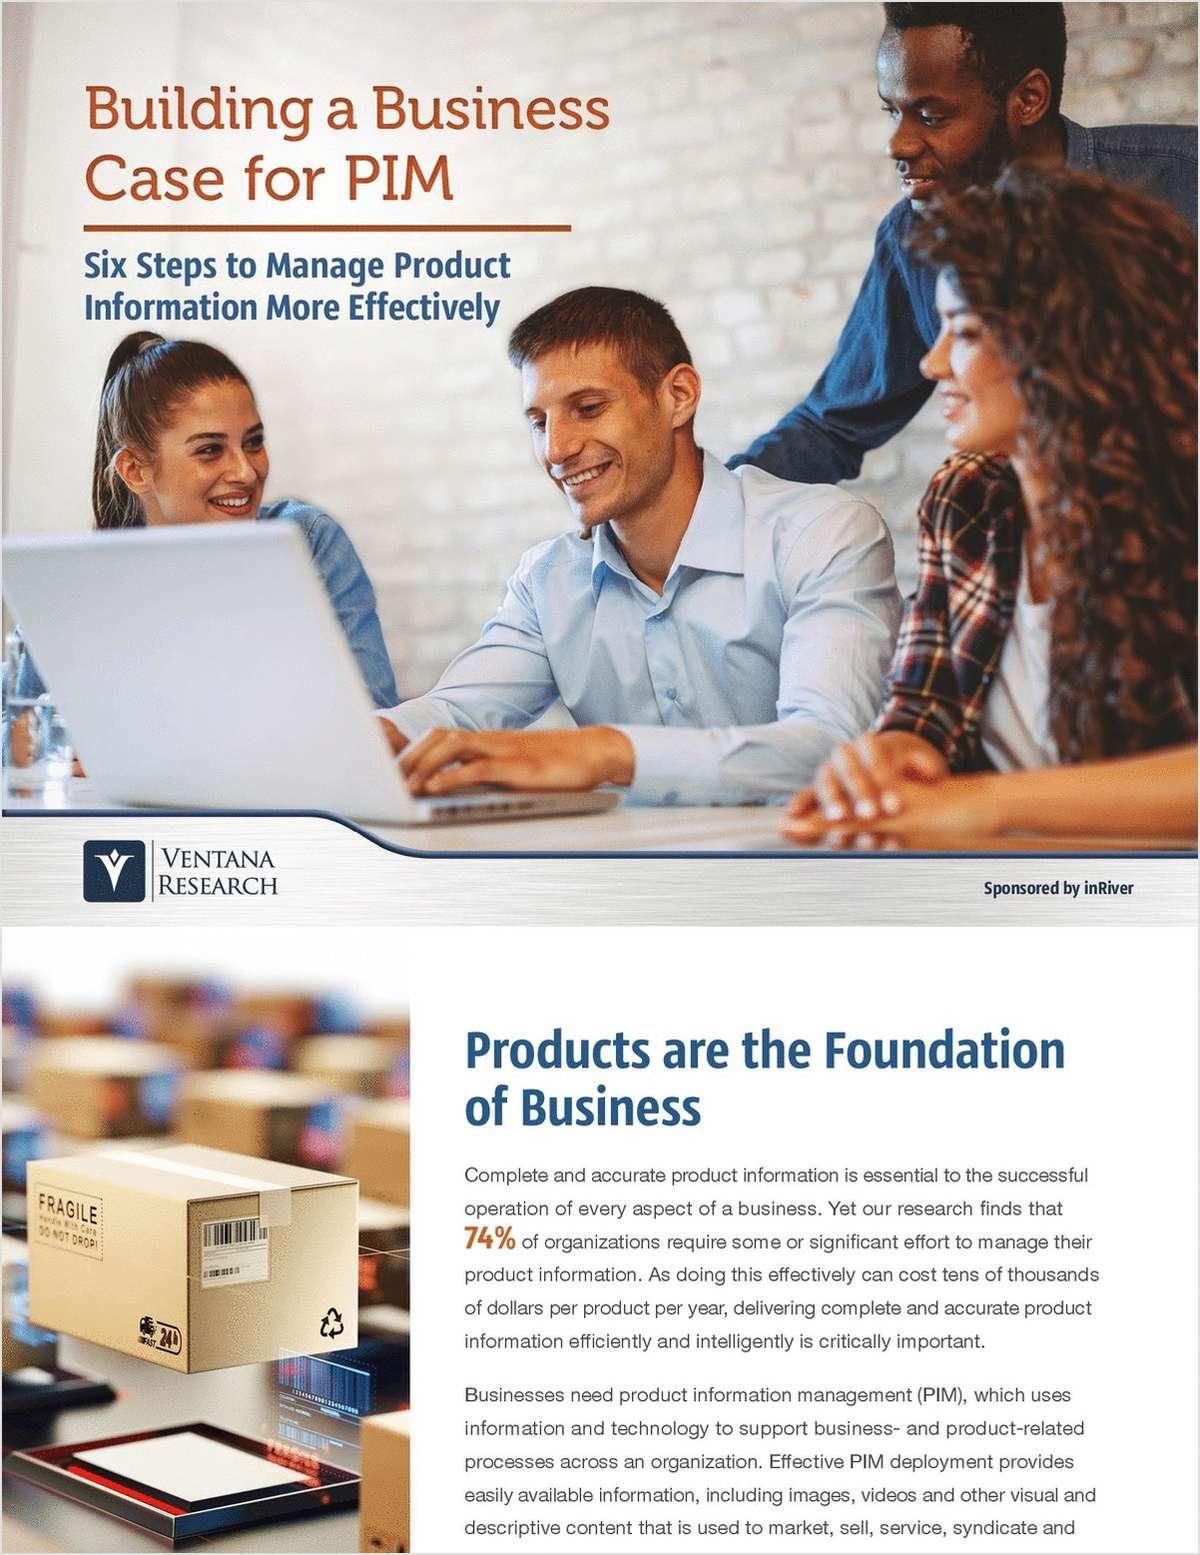 Building a Business Case for PIM